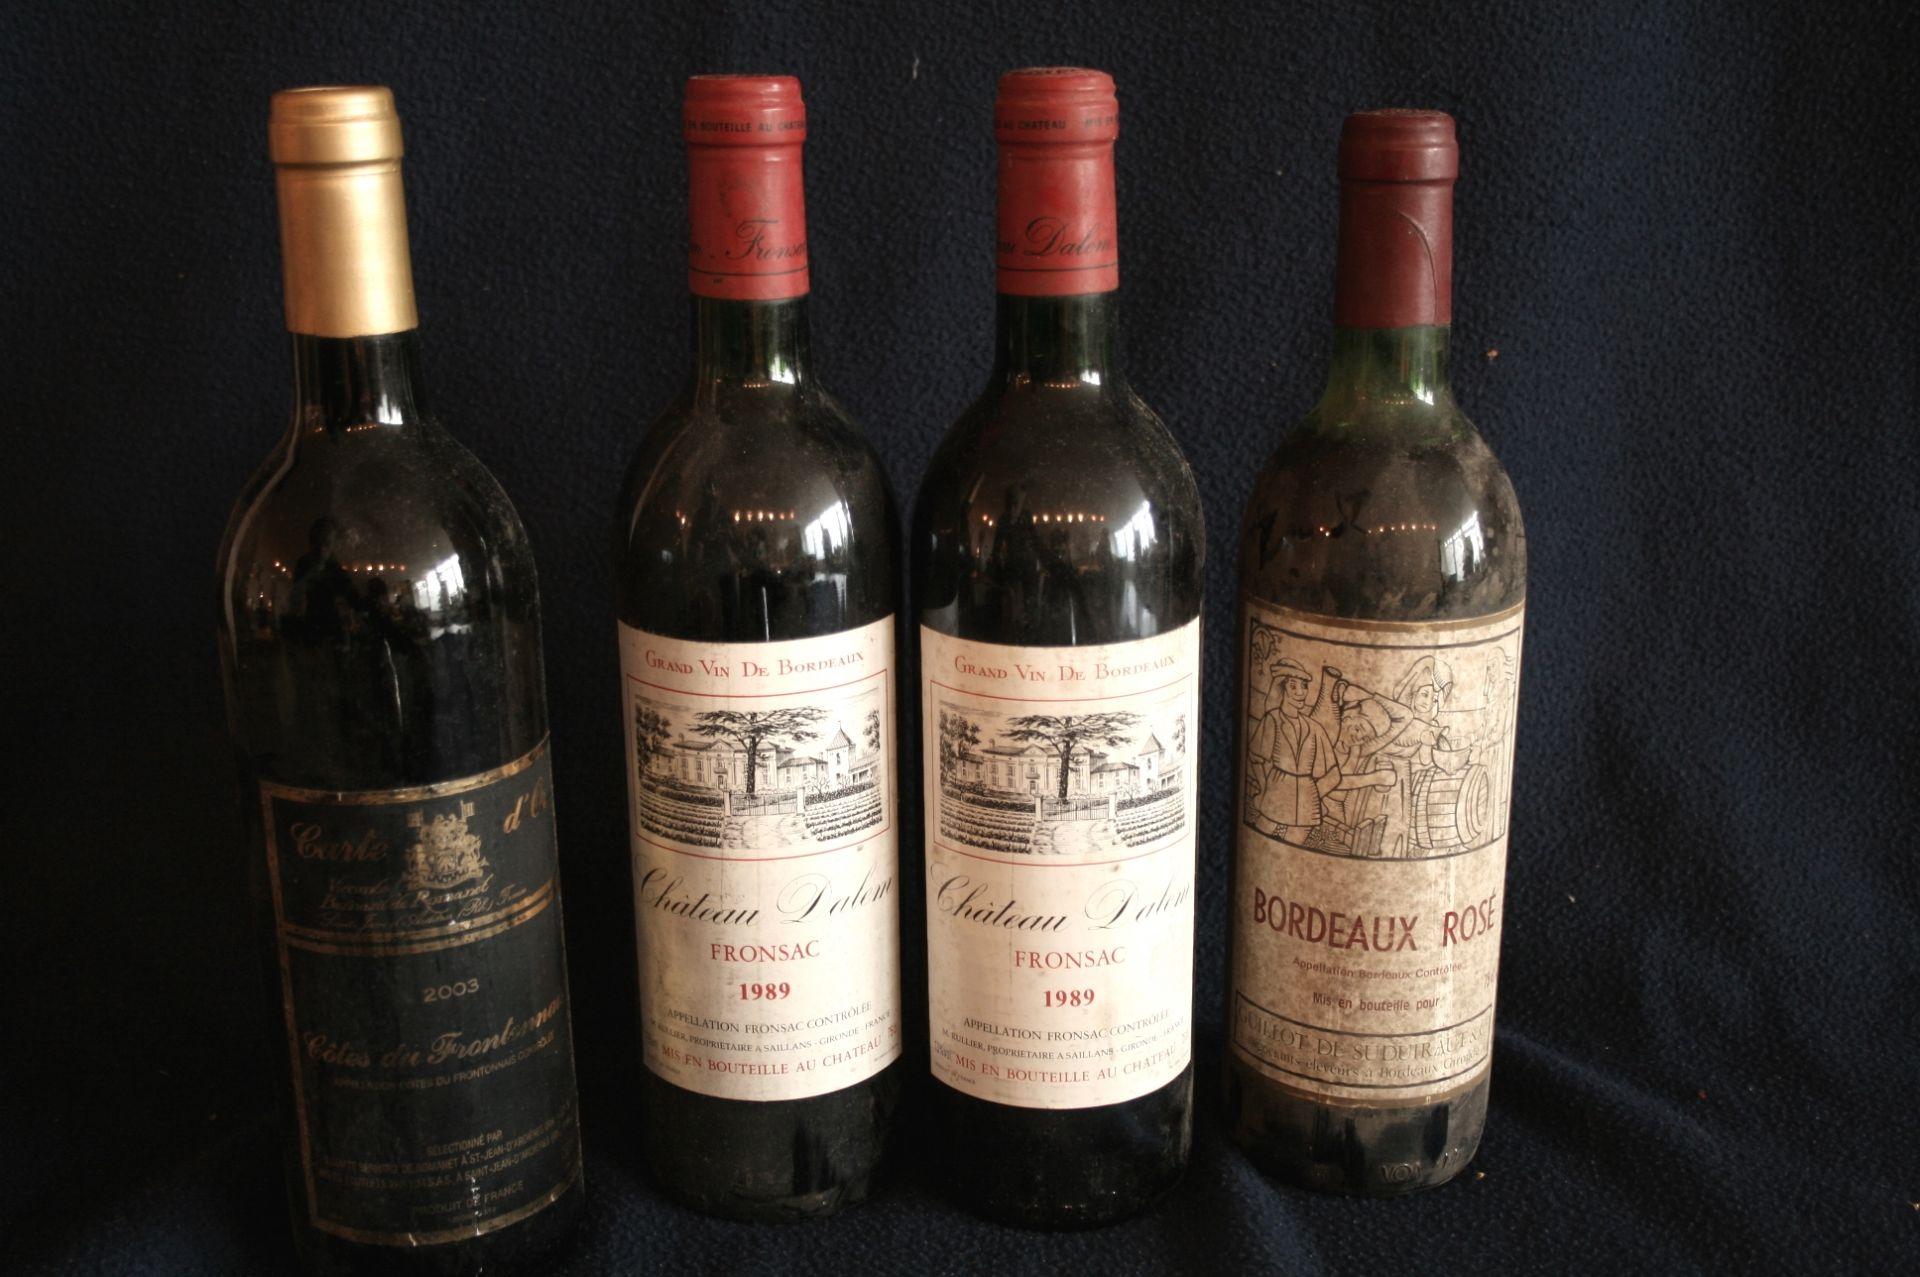 Los 44 - 2 bouteilles FRONSAC rouge, Château Dalem, 1989 + Bordeaux Rosé non millésimé [...]